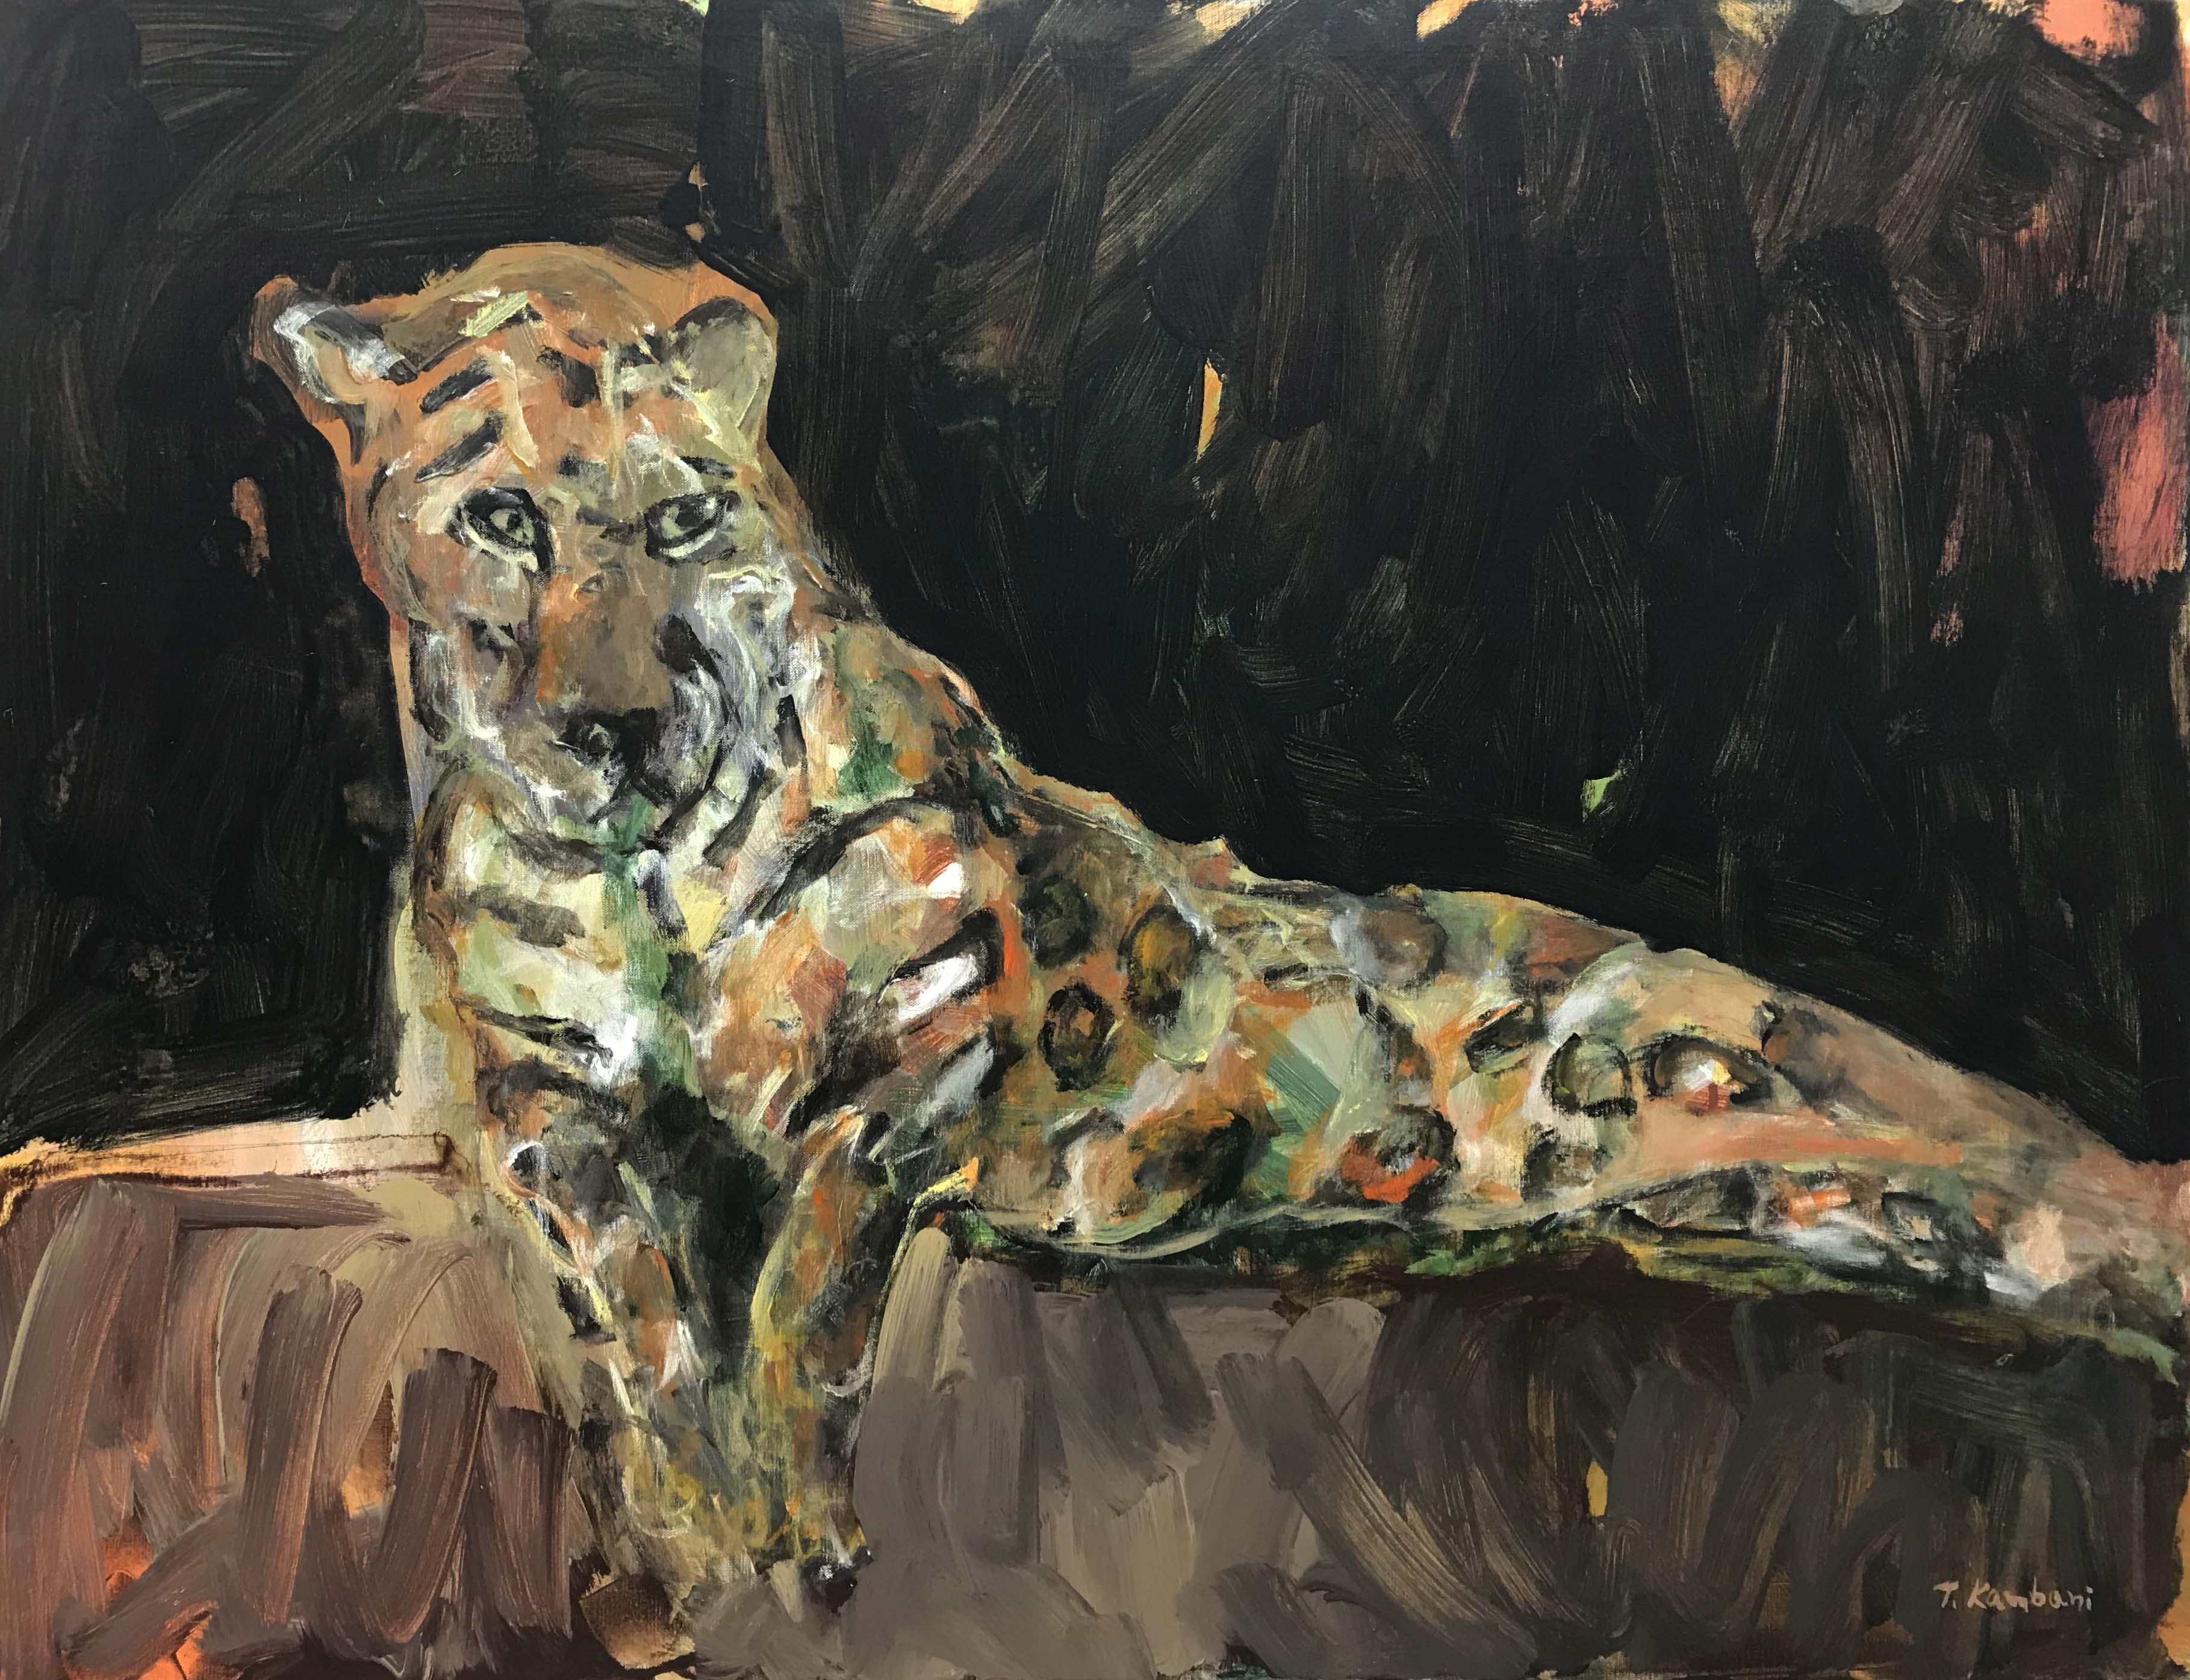 Resting, 116x89cm, Acrylique sur toile, 2018 sm